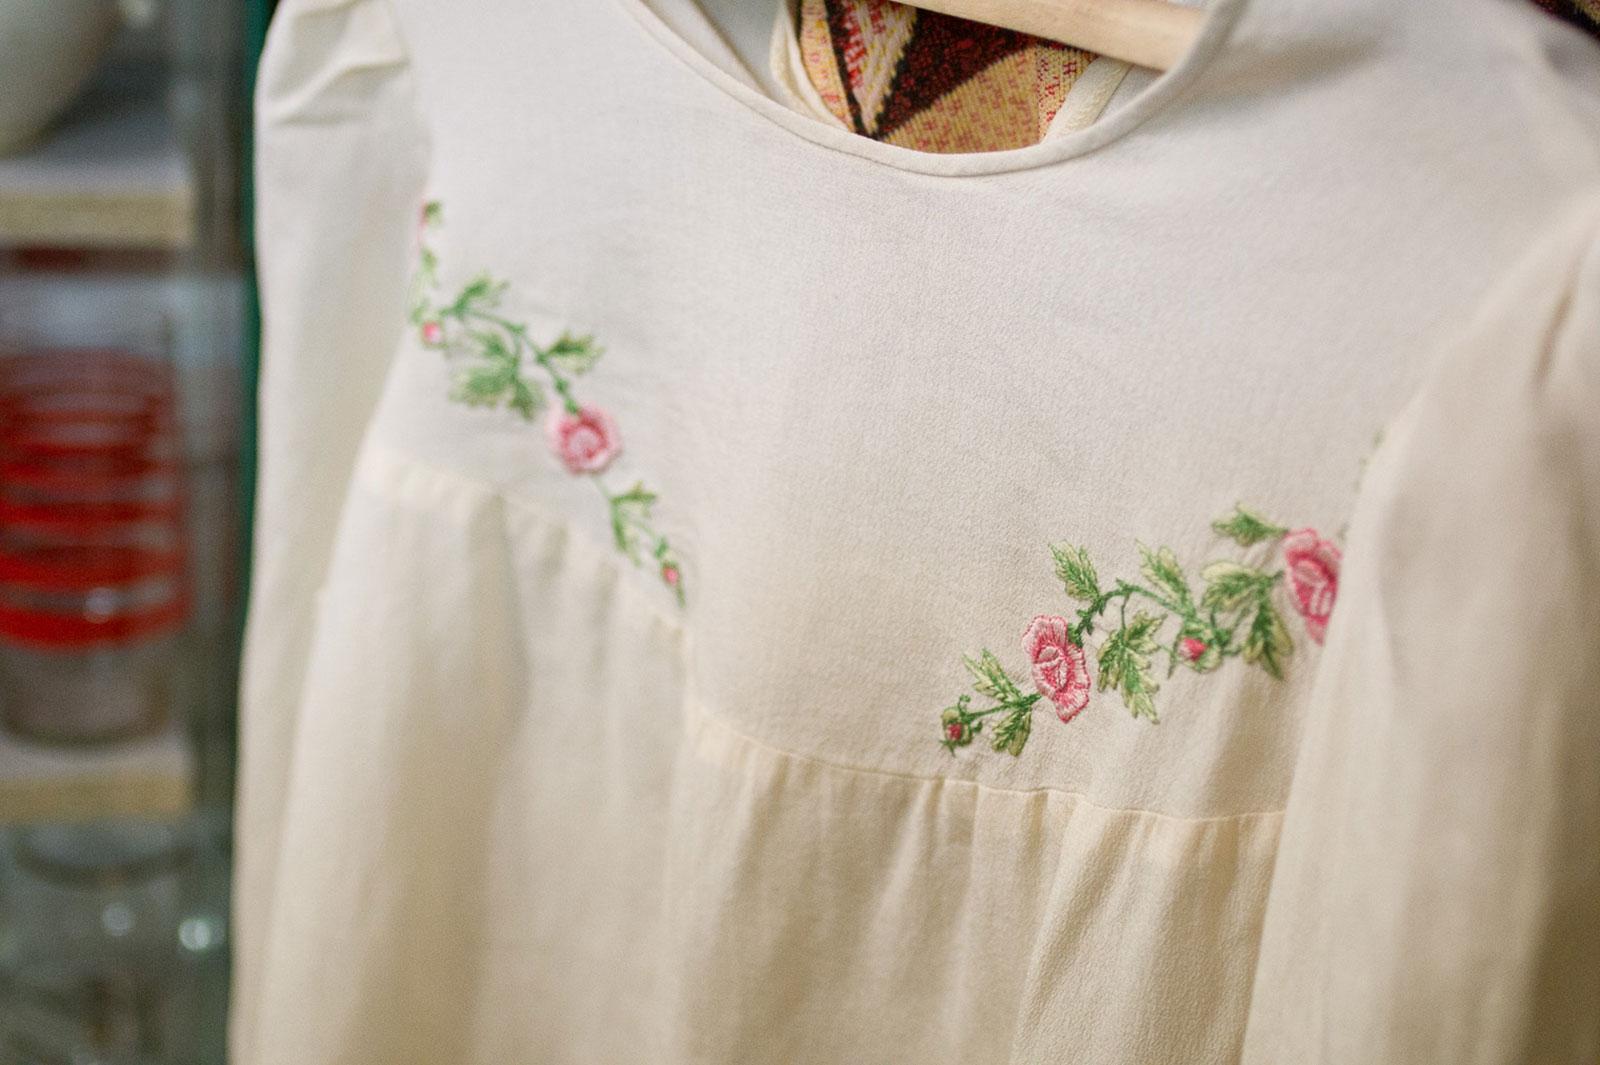 Блузка 1930-1940 гг, ручная вышика. Ретро-магазин в России